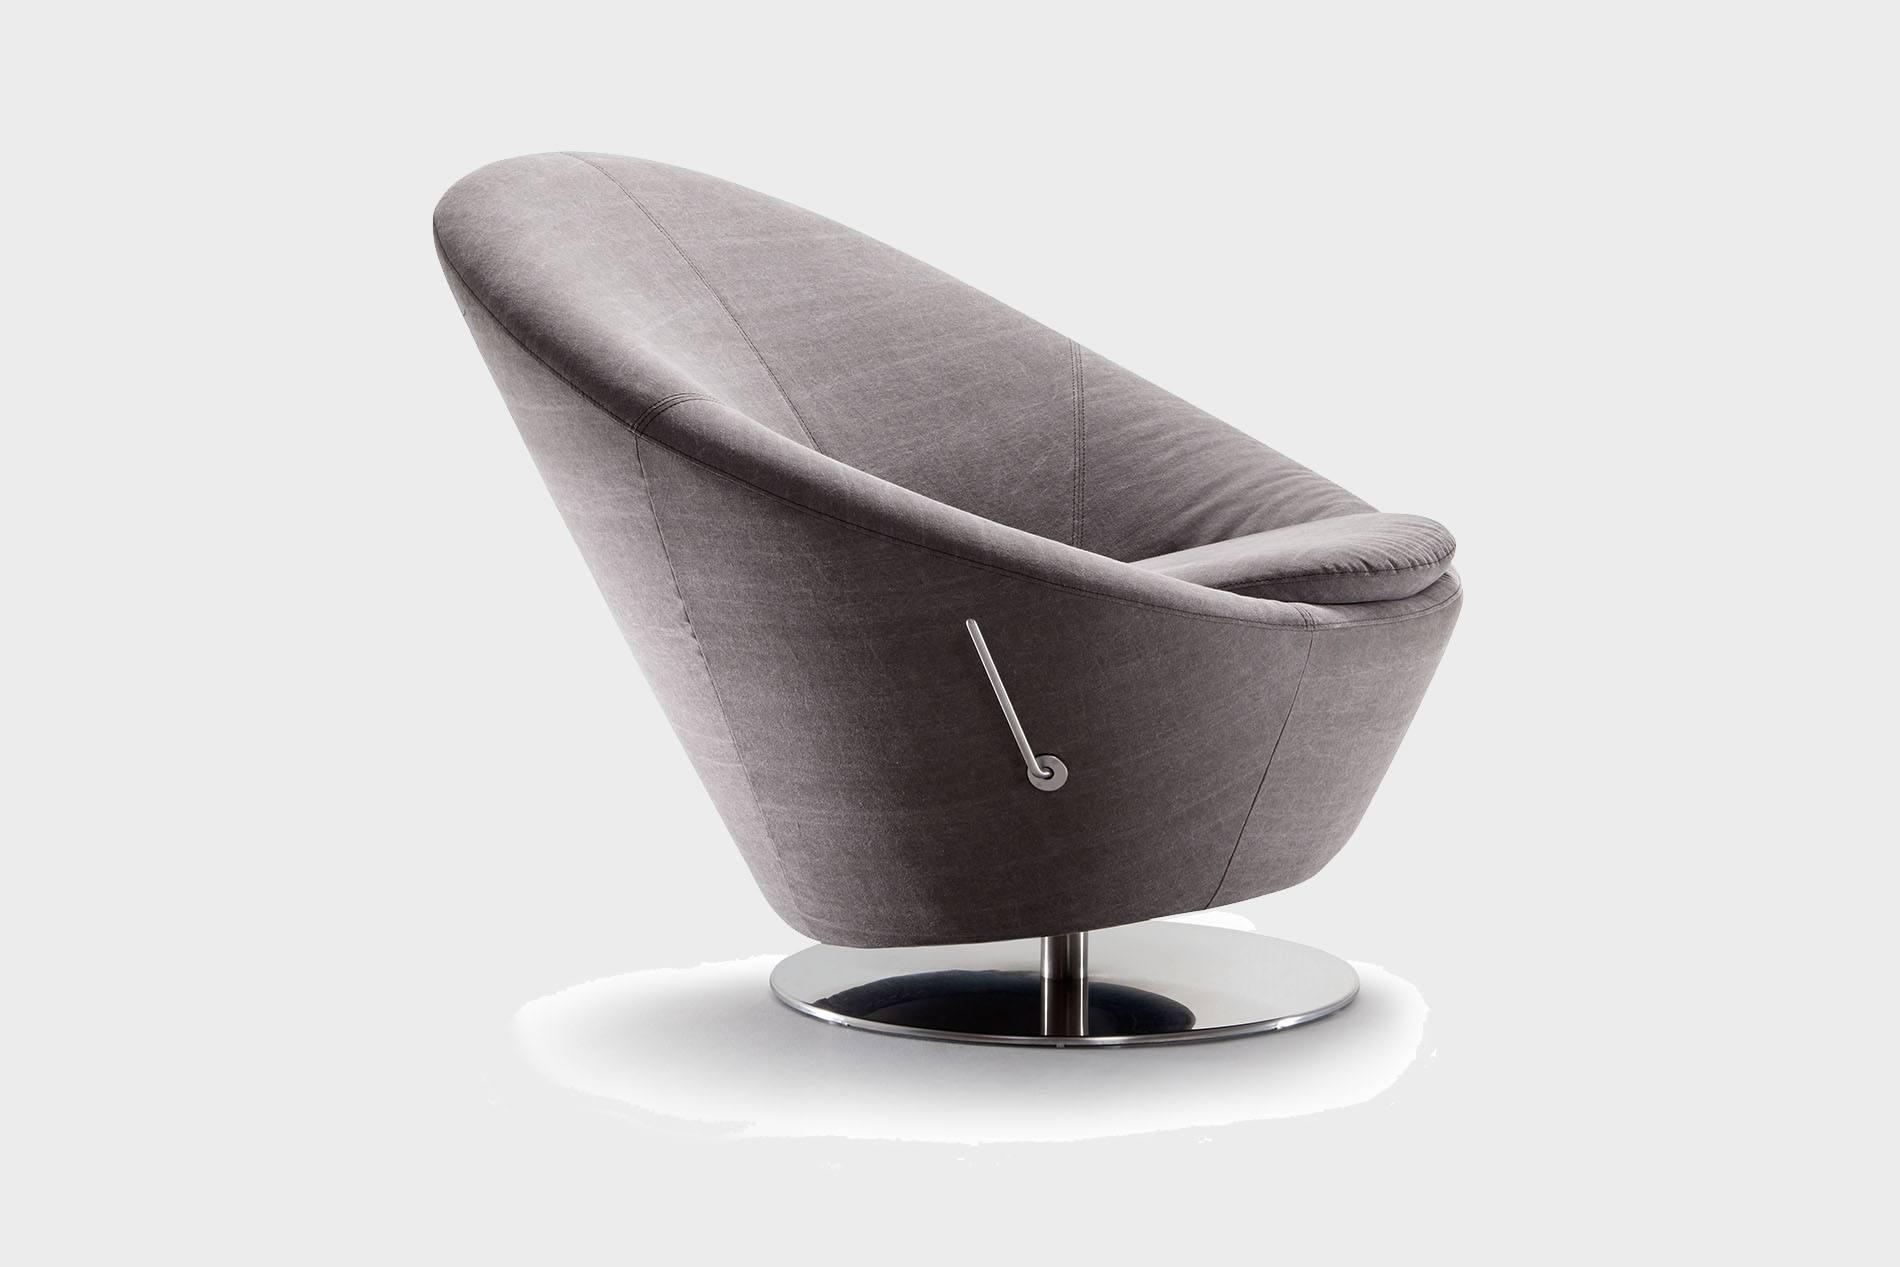 Sessel Big Easy von Signet Sessel zum Relaxen